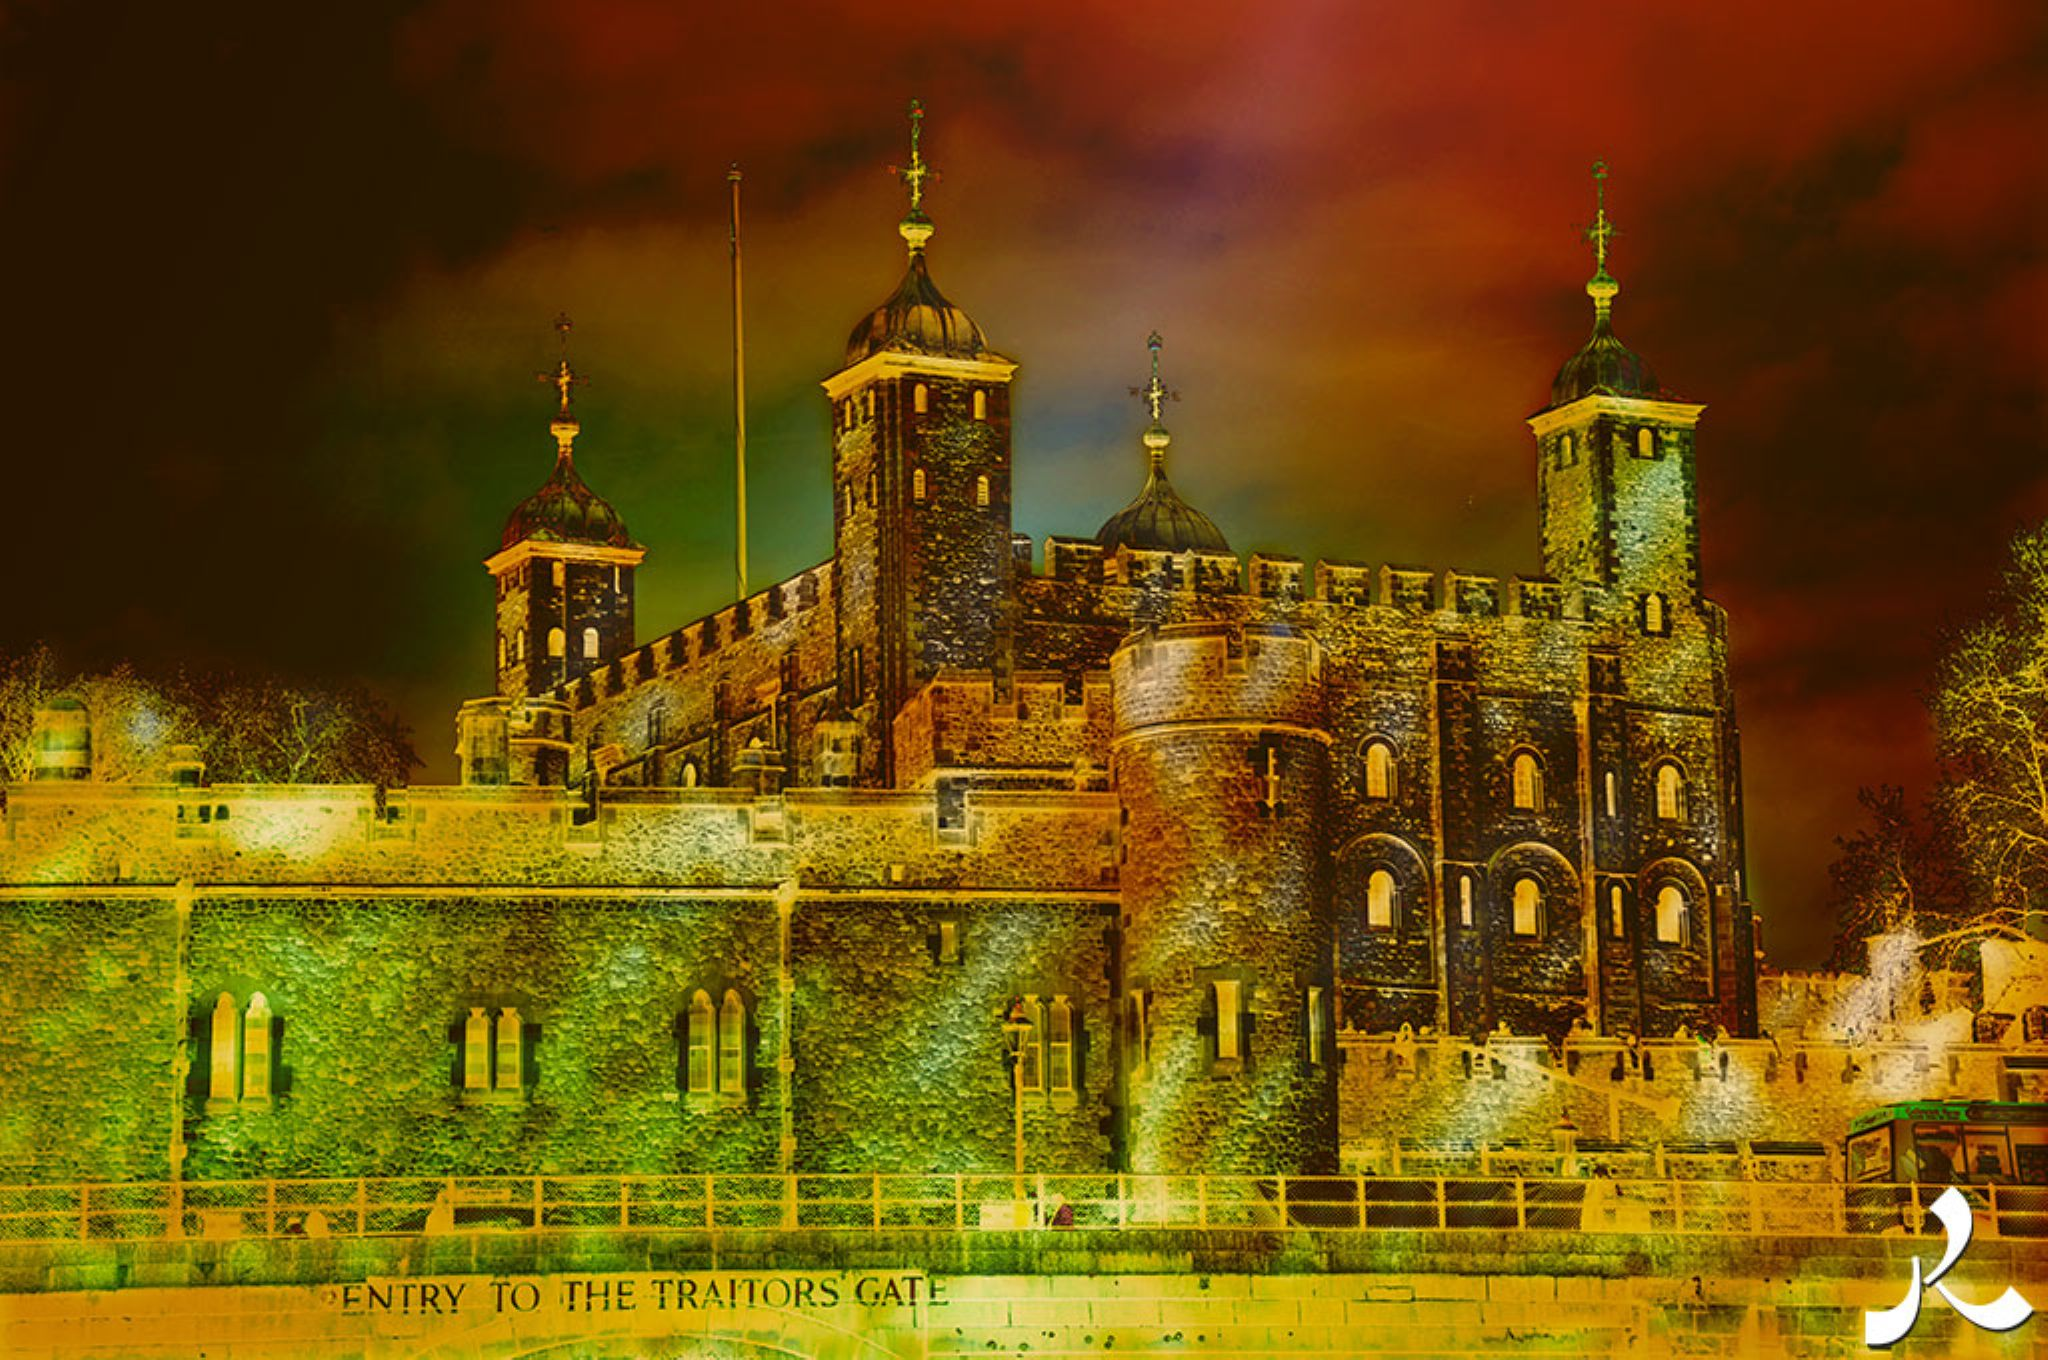 TowerOfLondon57-18iwor by jacquesraffin